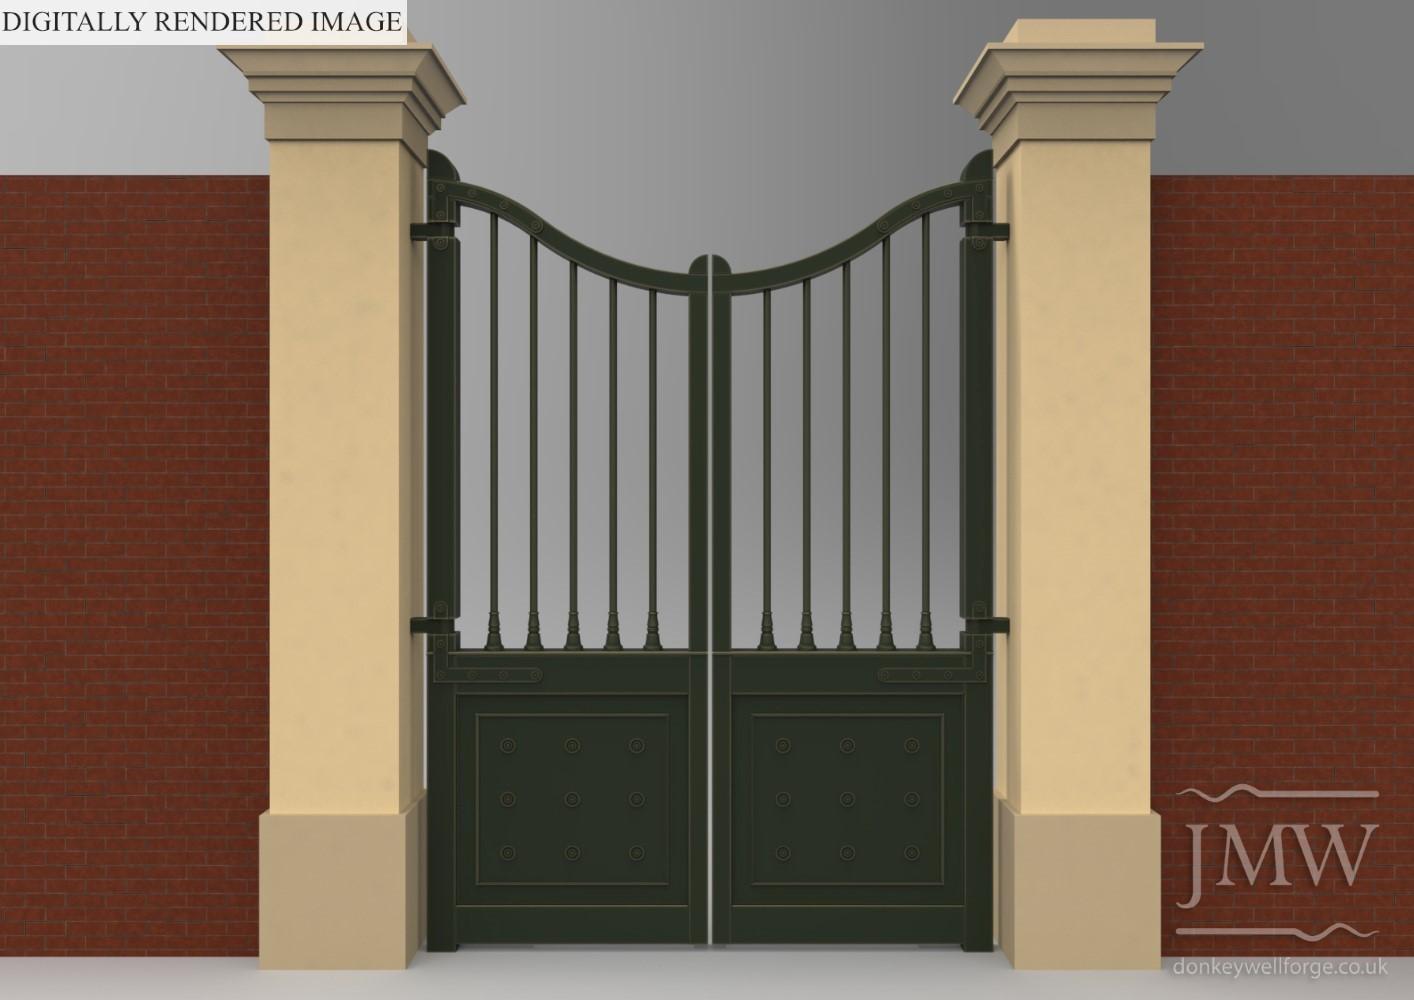 digital-render-image-large-iron-estate-gates